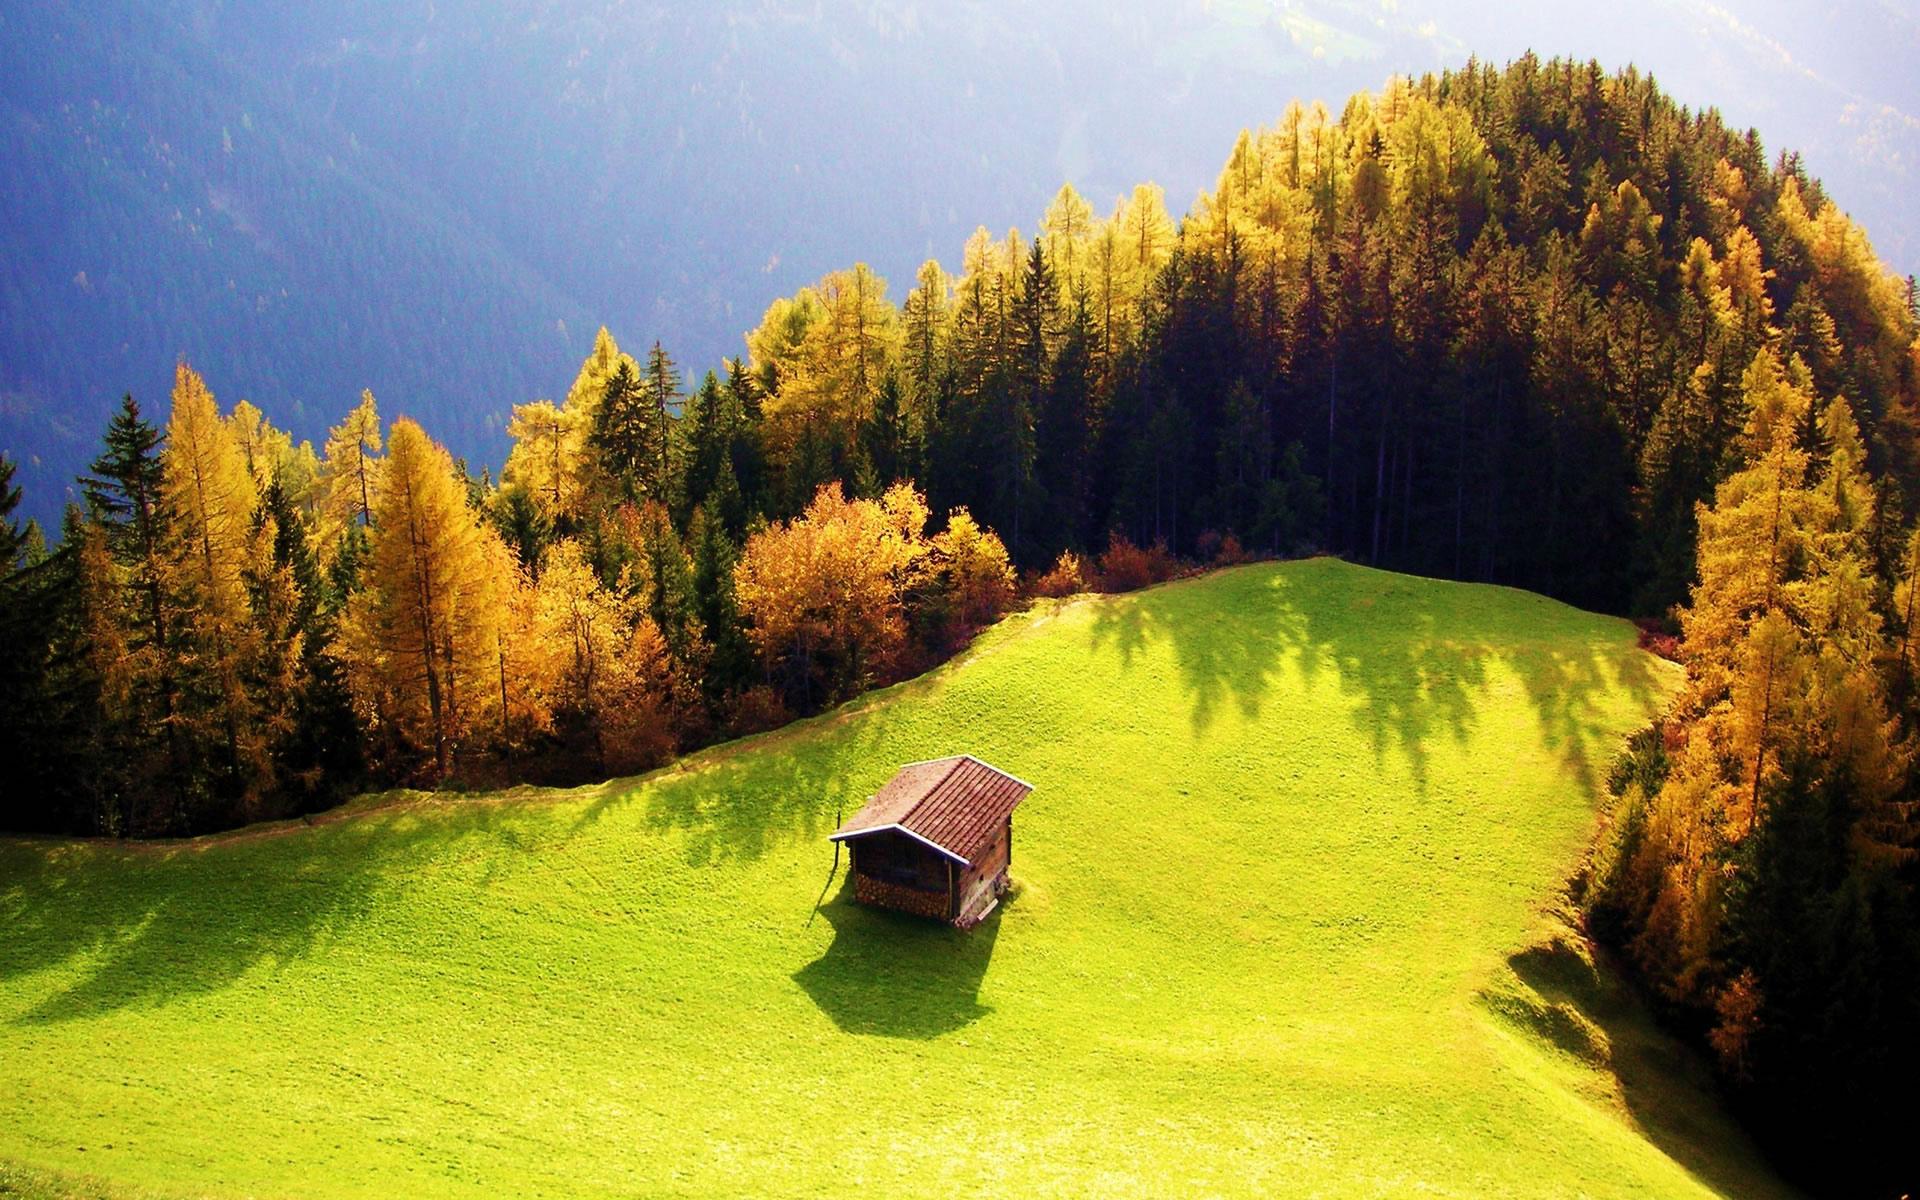 Четыре правила композиции для пейзажной съемки